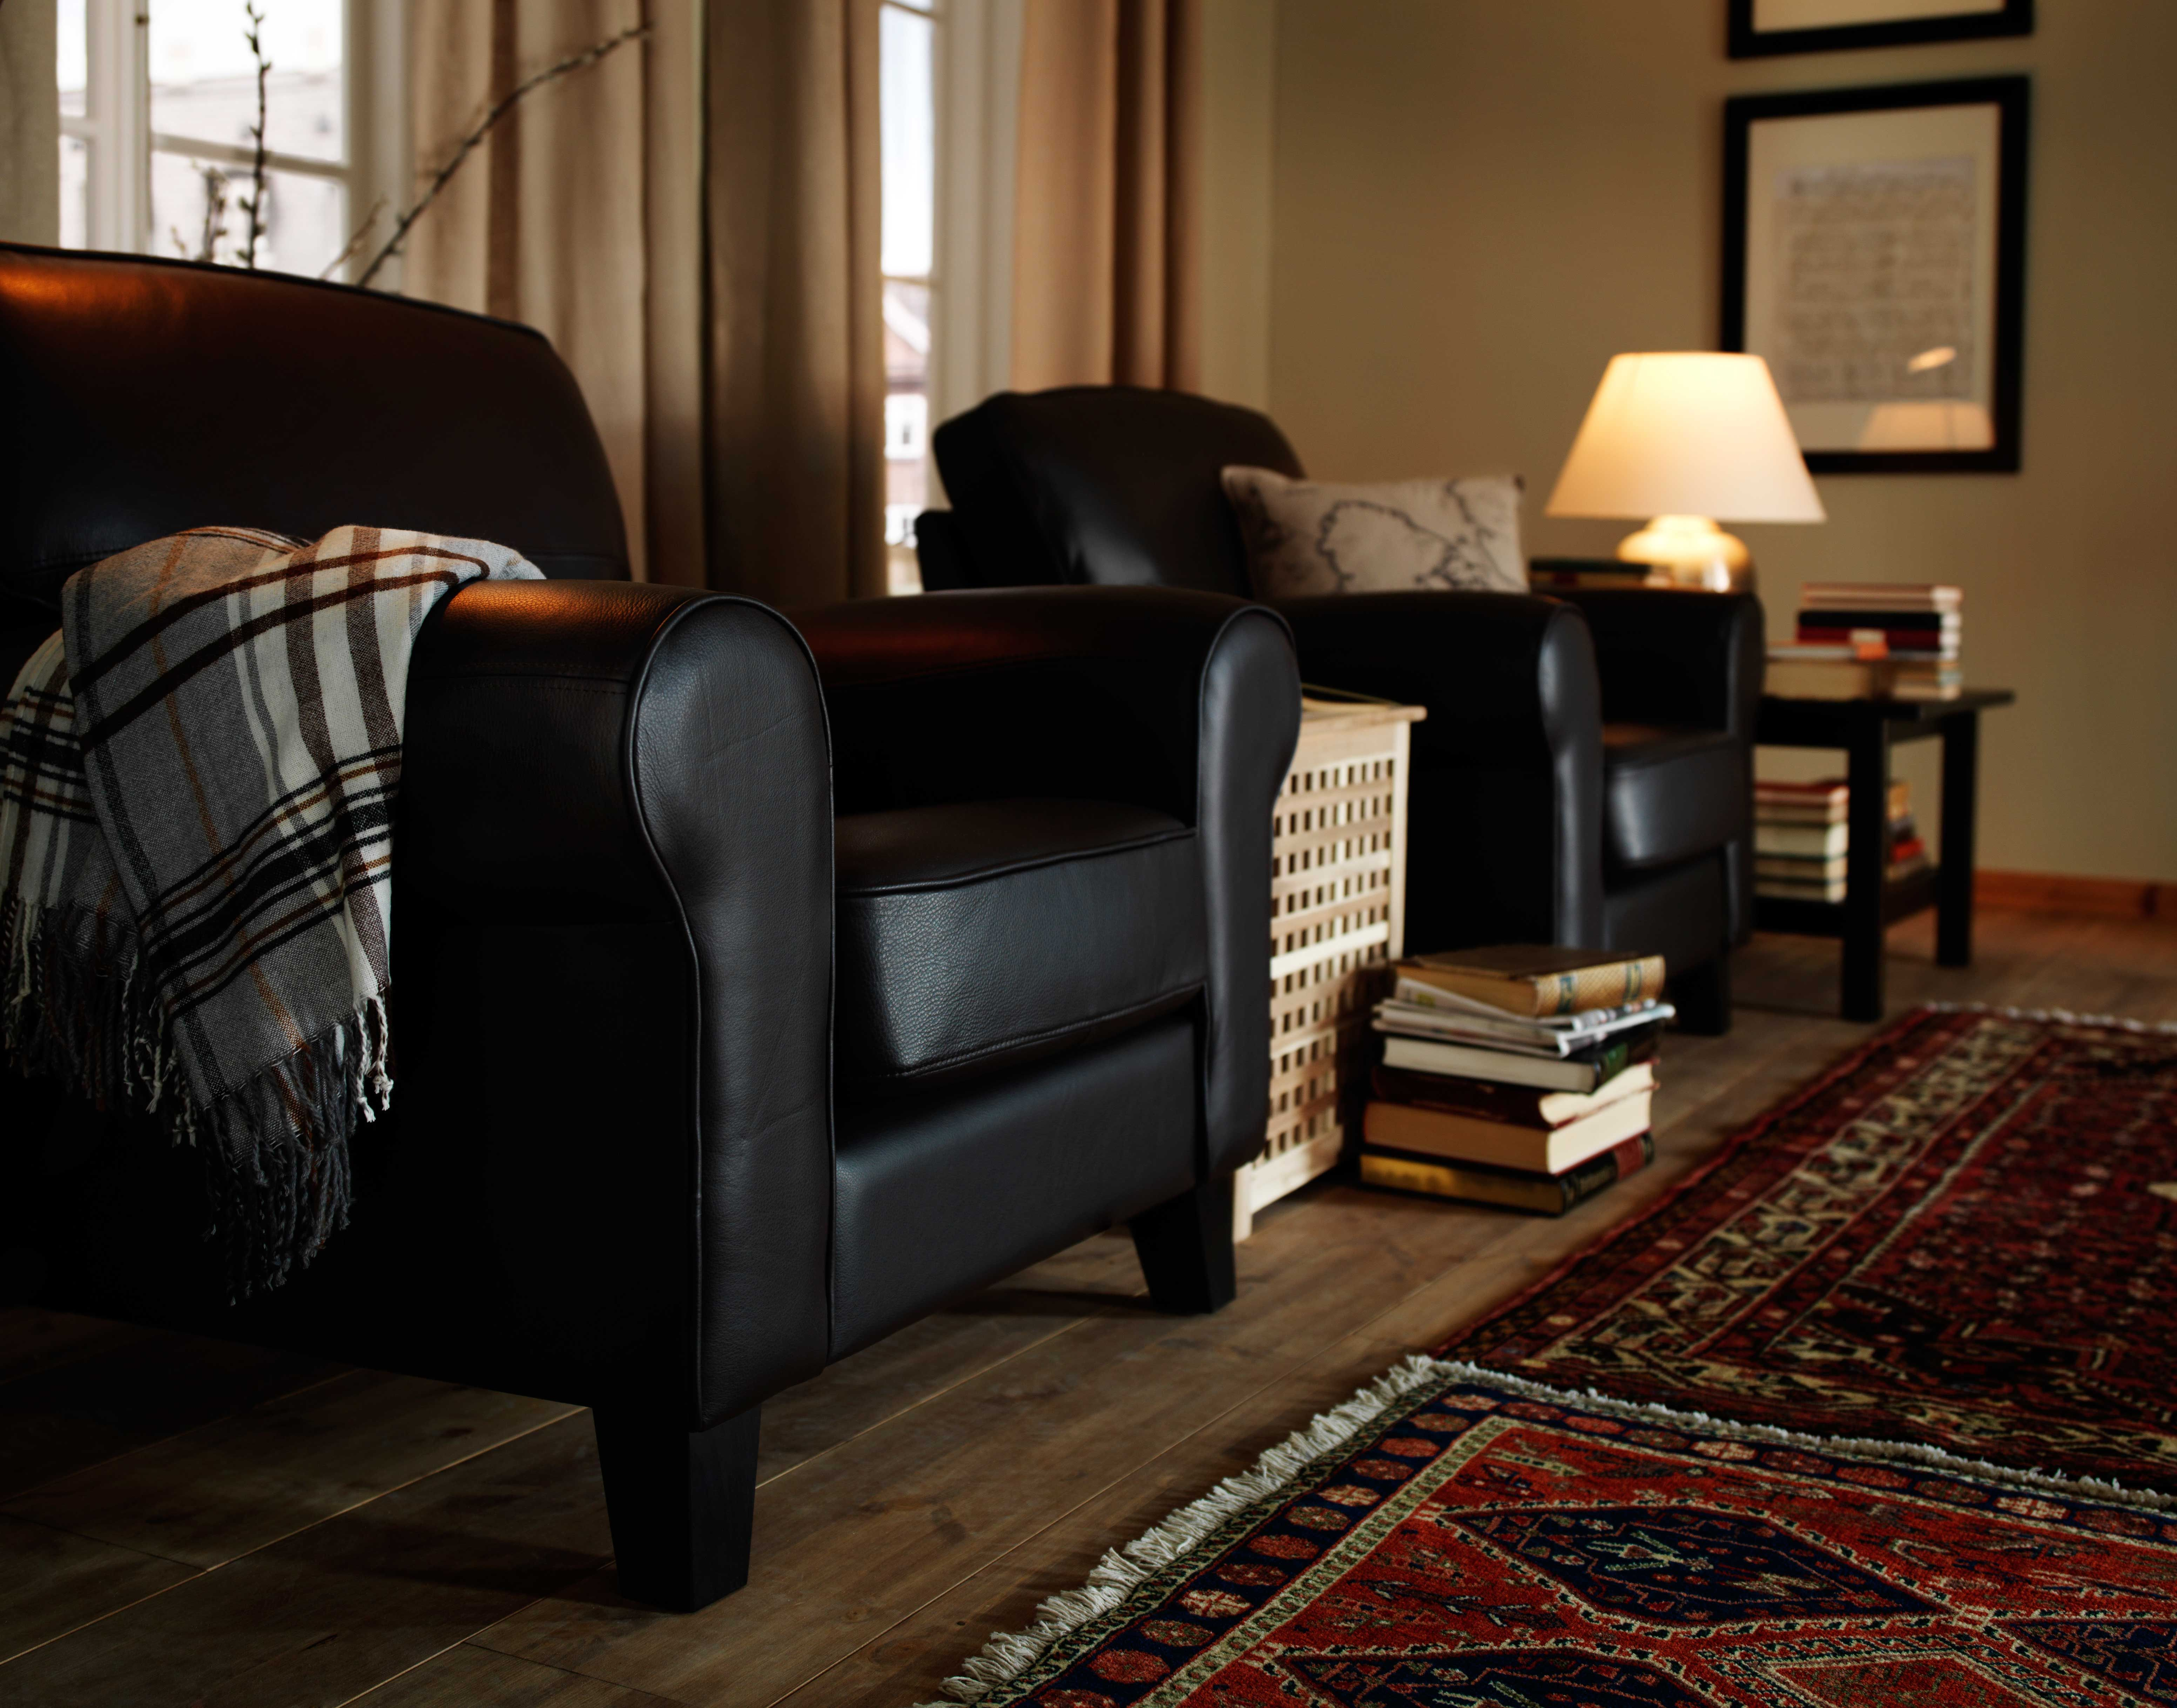 ikea sterreich inspiration wohnzimmer sessel ystad tischleuchte sele teppich persisk. Black Bedroom Furniture Sets. Home Design Ideas